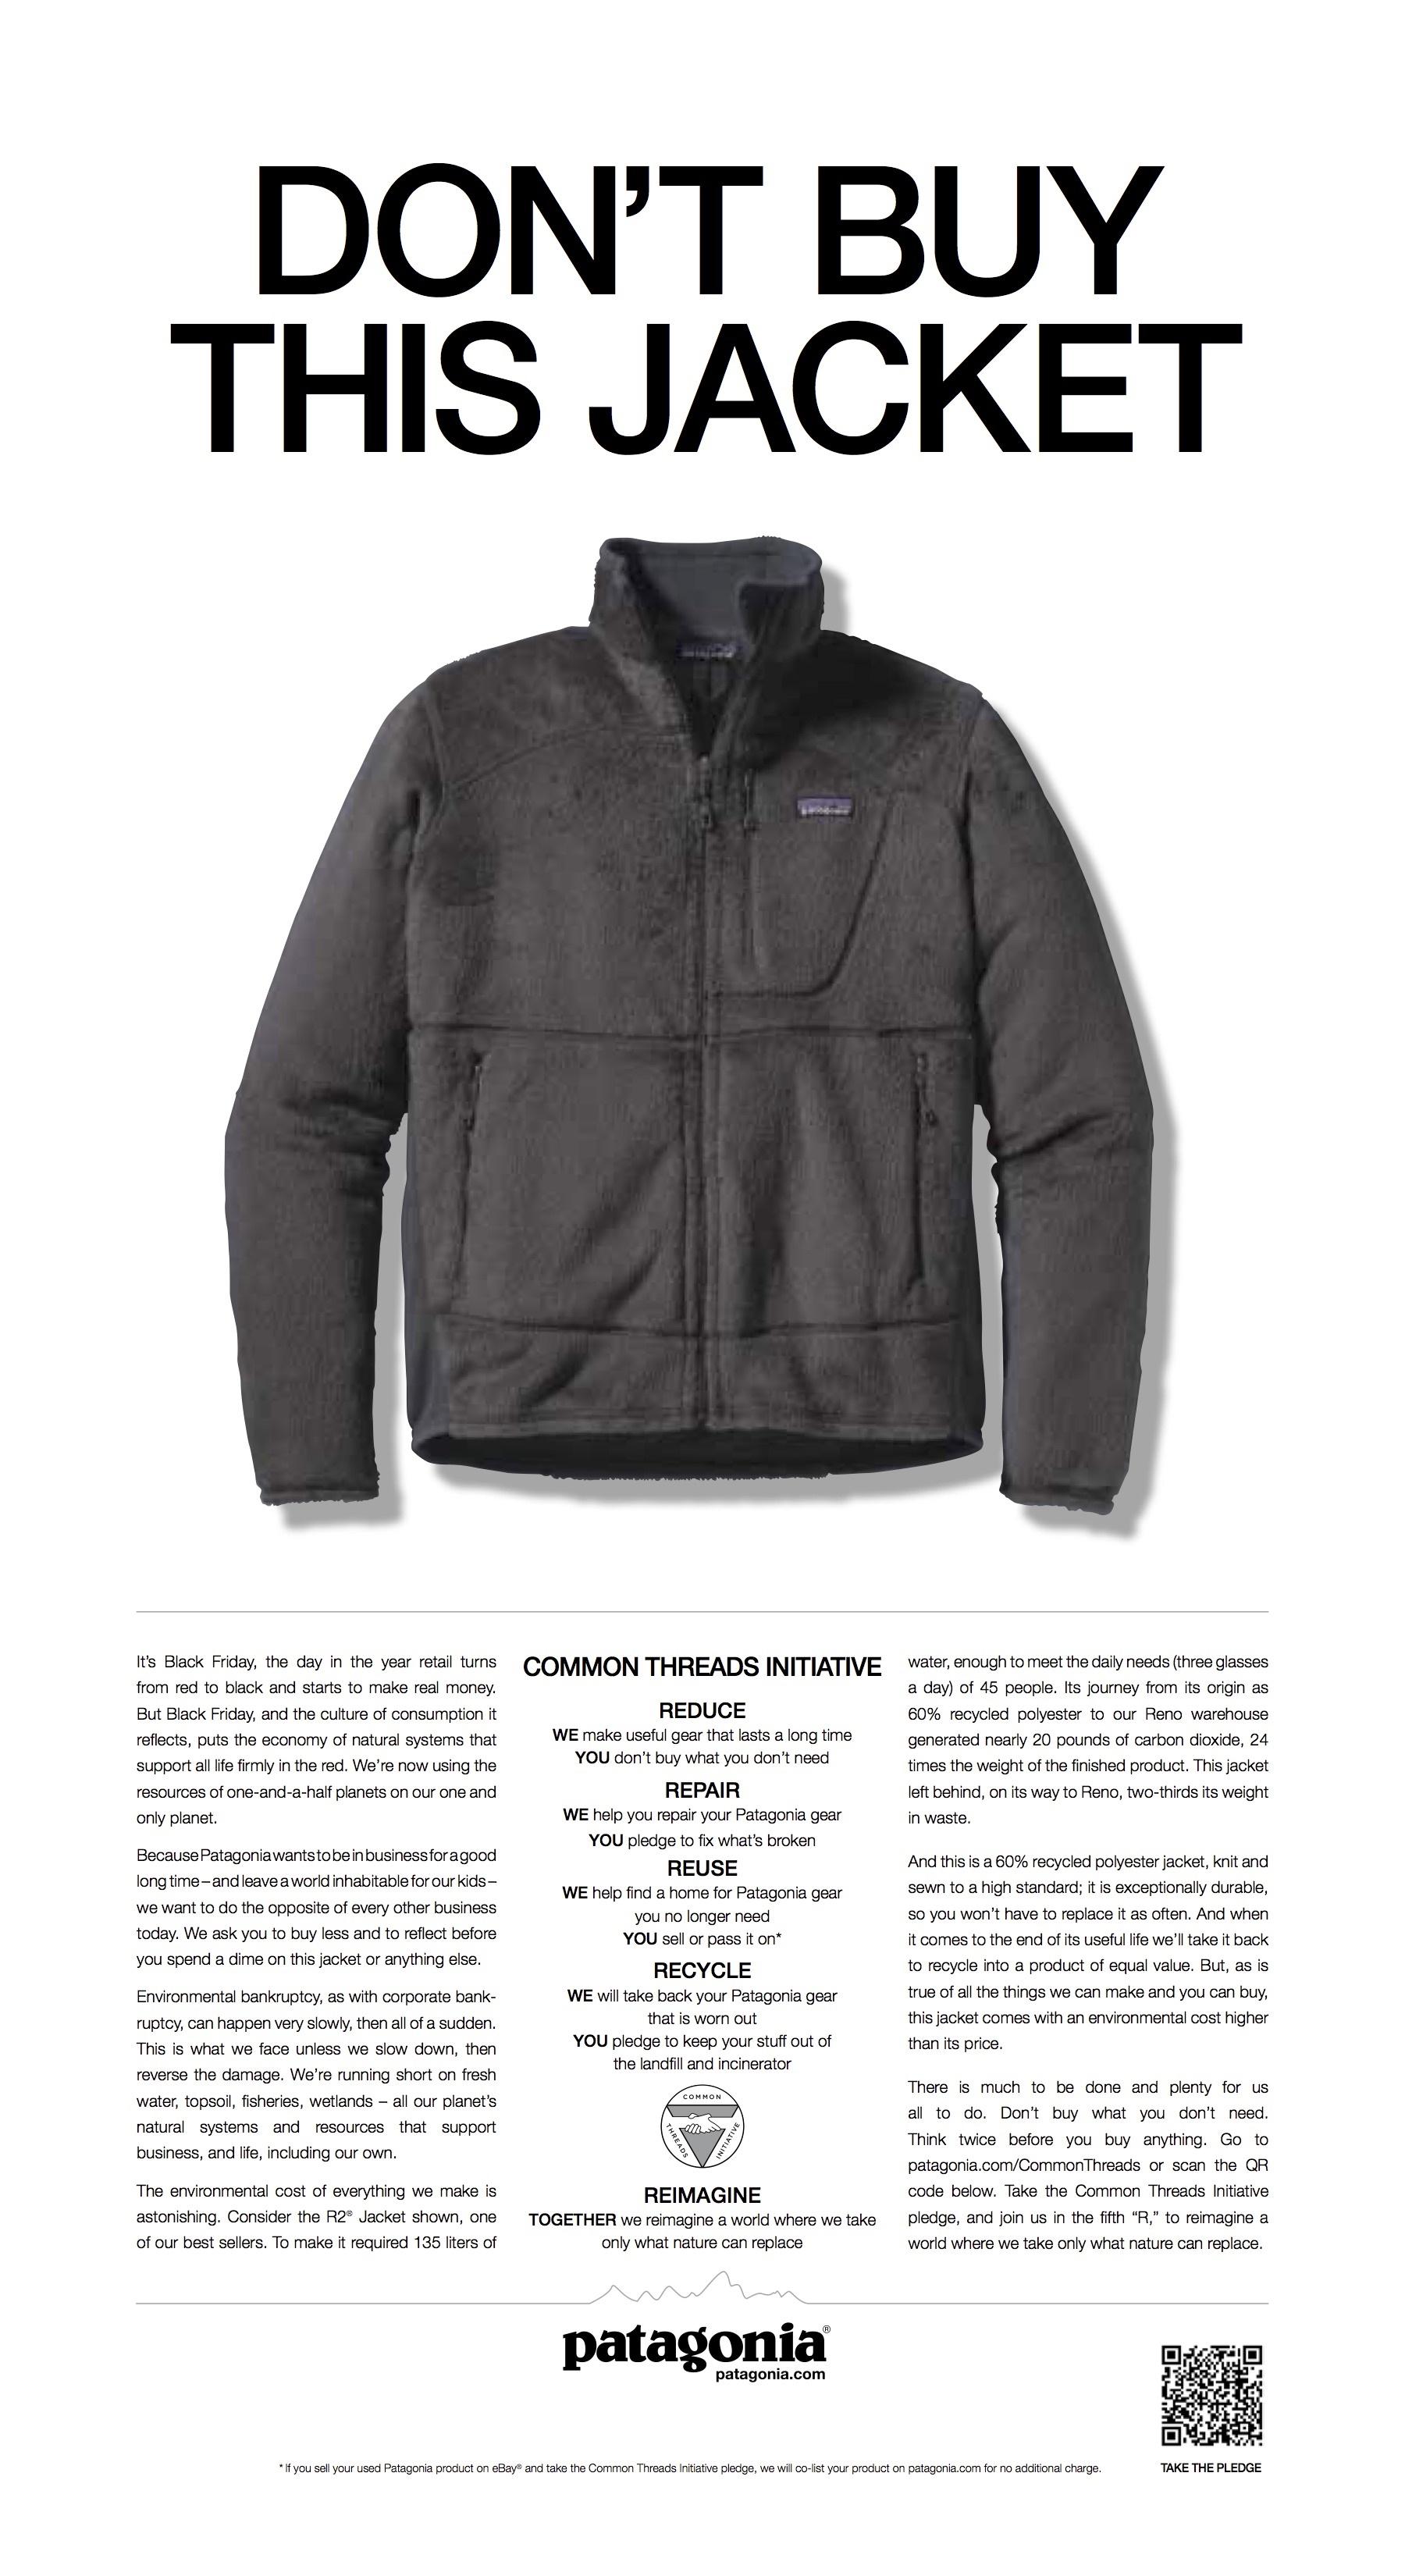 """Campanha da marca de roupas """"Patagonia"""", publicada em diversos jornais, prega o consumo consciente"""